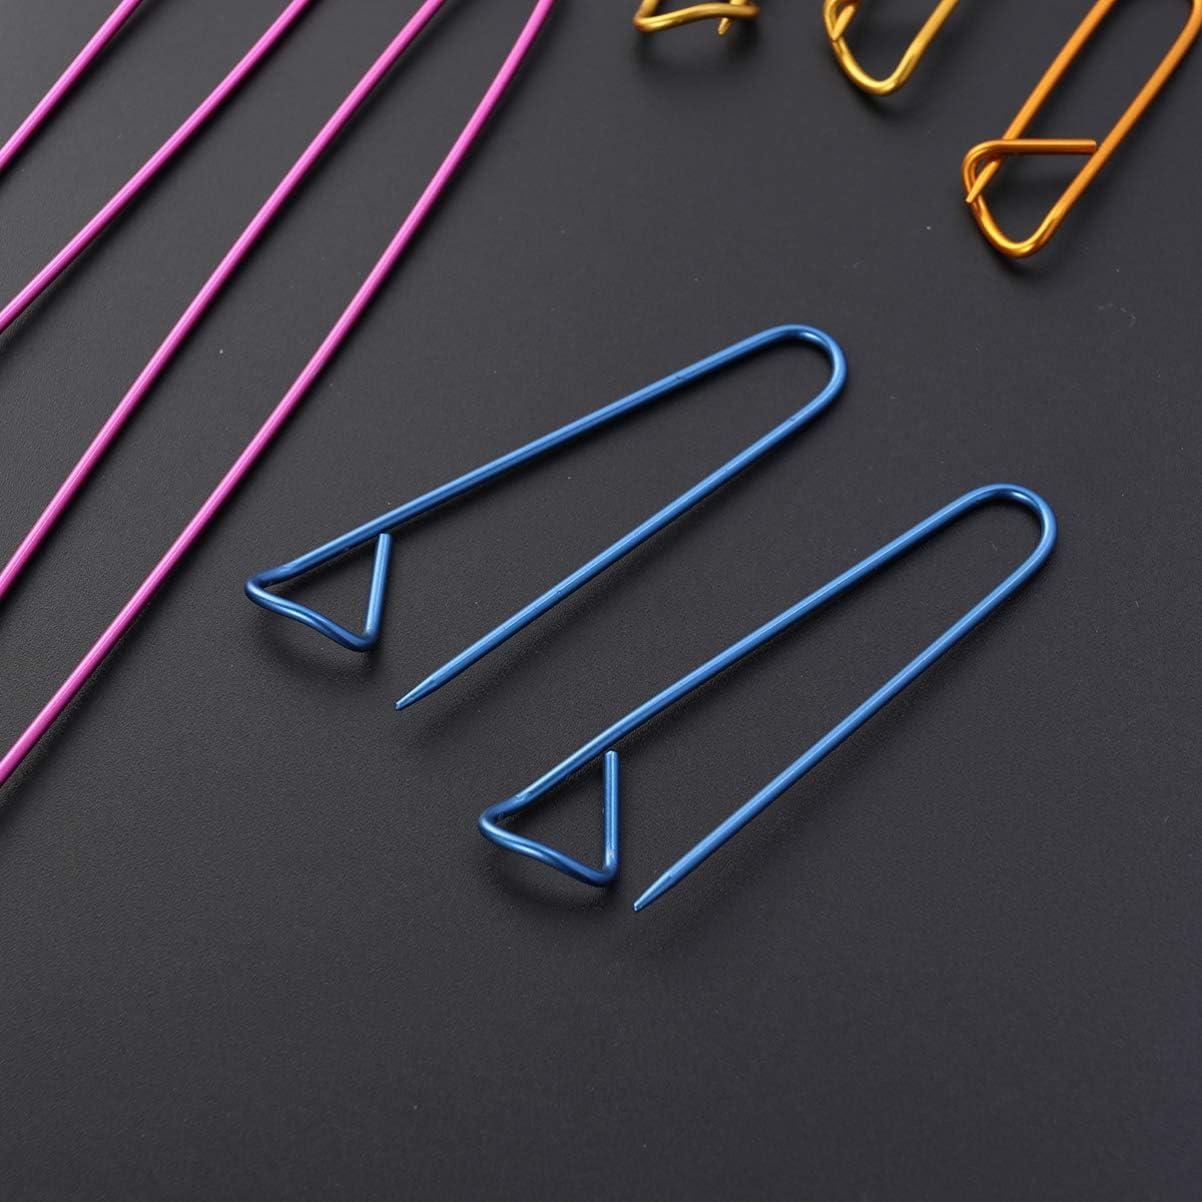 non-branded 10 Pi/èces de Support de Point 5 Tailles de Couleurs Assorties de Supports de Point en Aluminium pour Tricoter